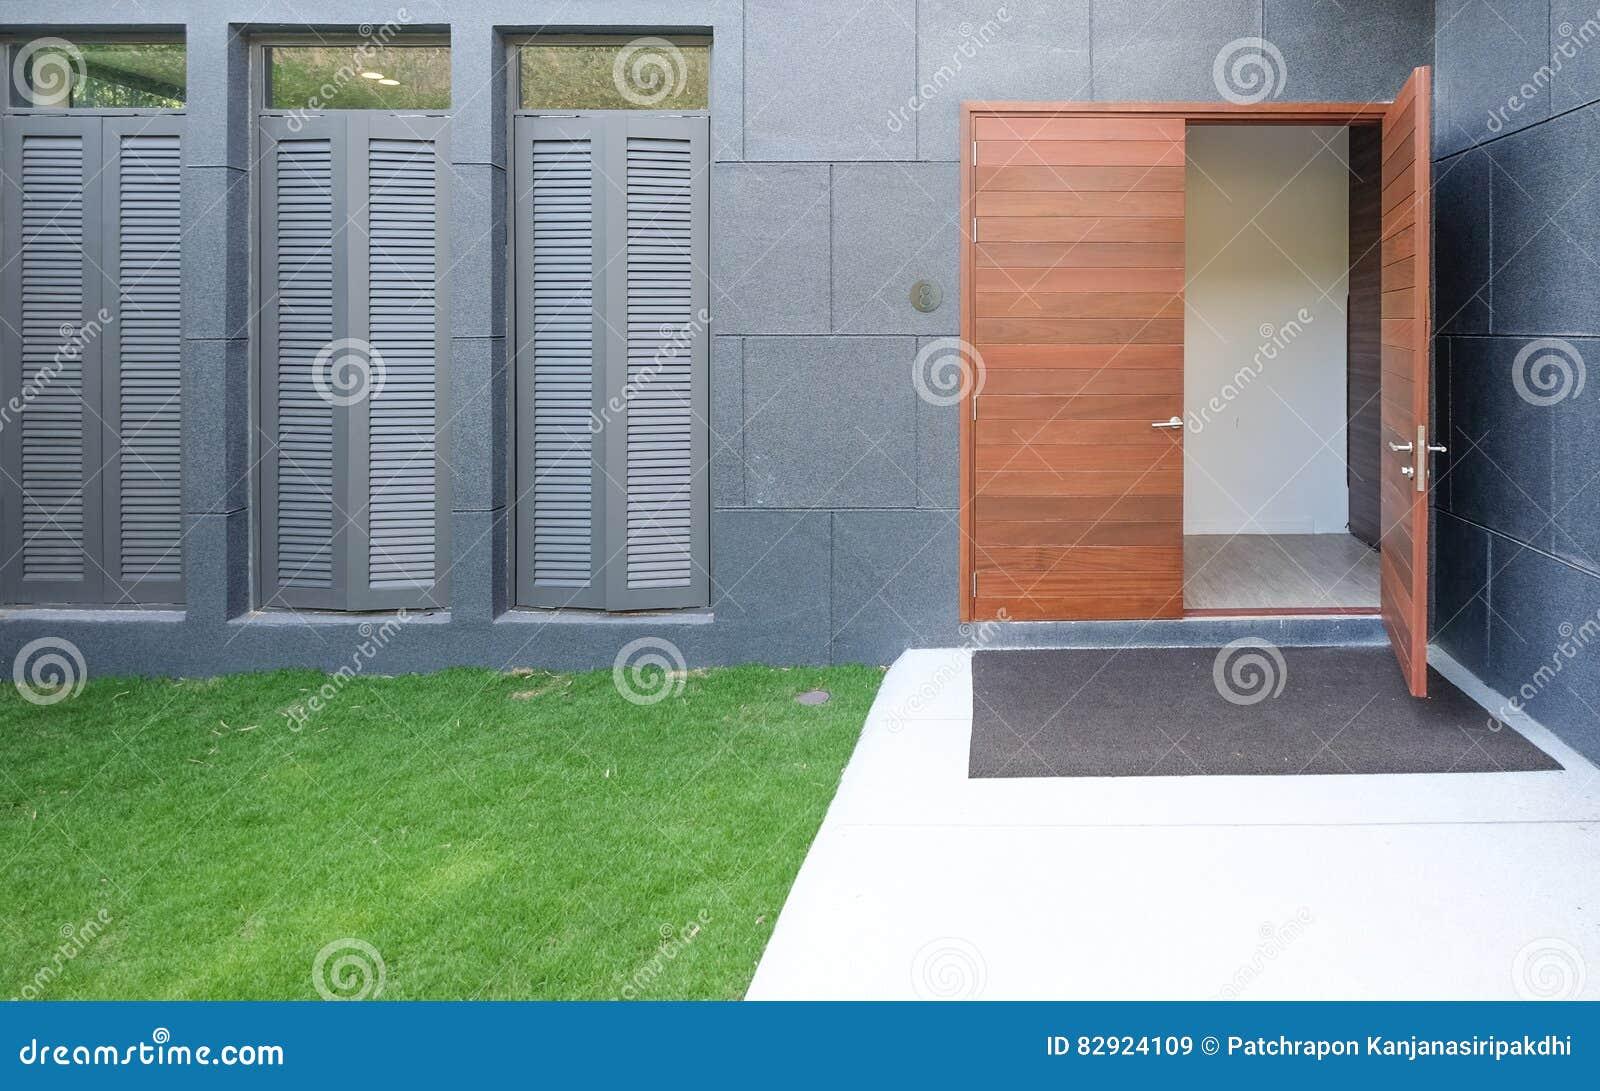 Geöffnete haustür  Geöffnete Haustür Stockfoto - Bild: 82924109